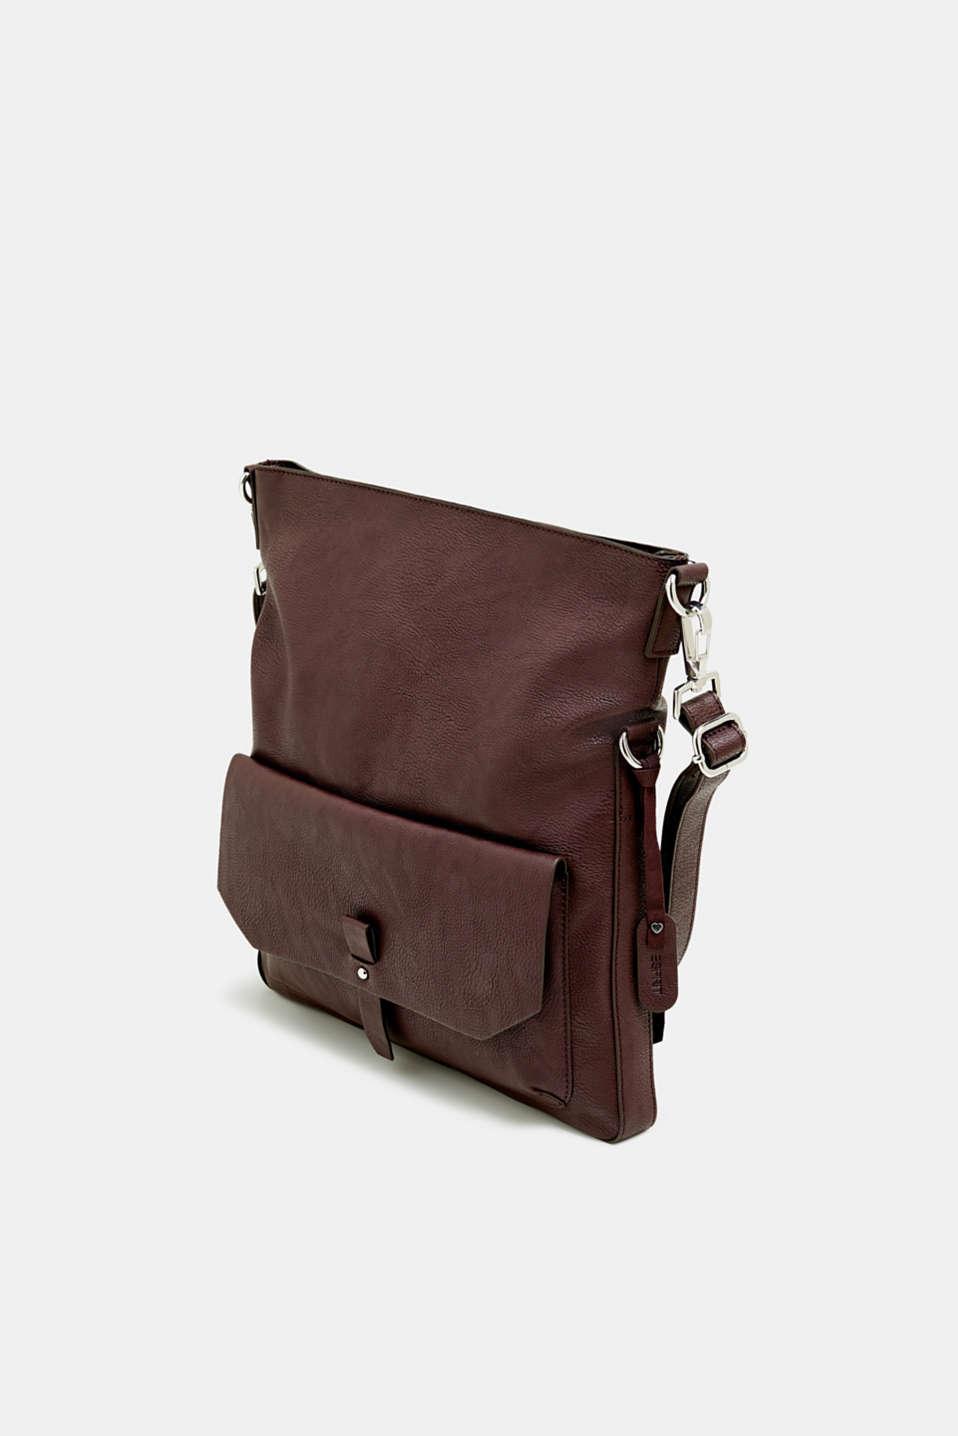 Adjustable faux leather shoulder bag, BORDEAUX RED, detail image number 2